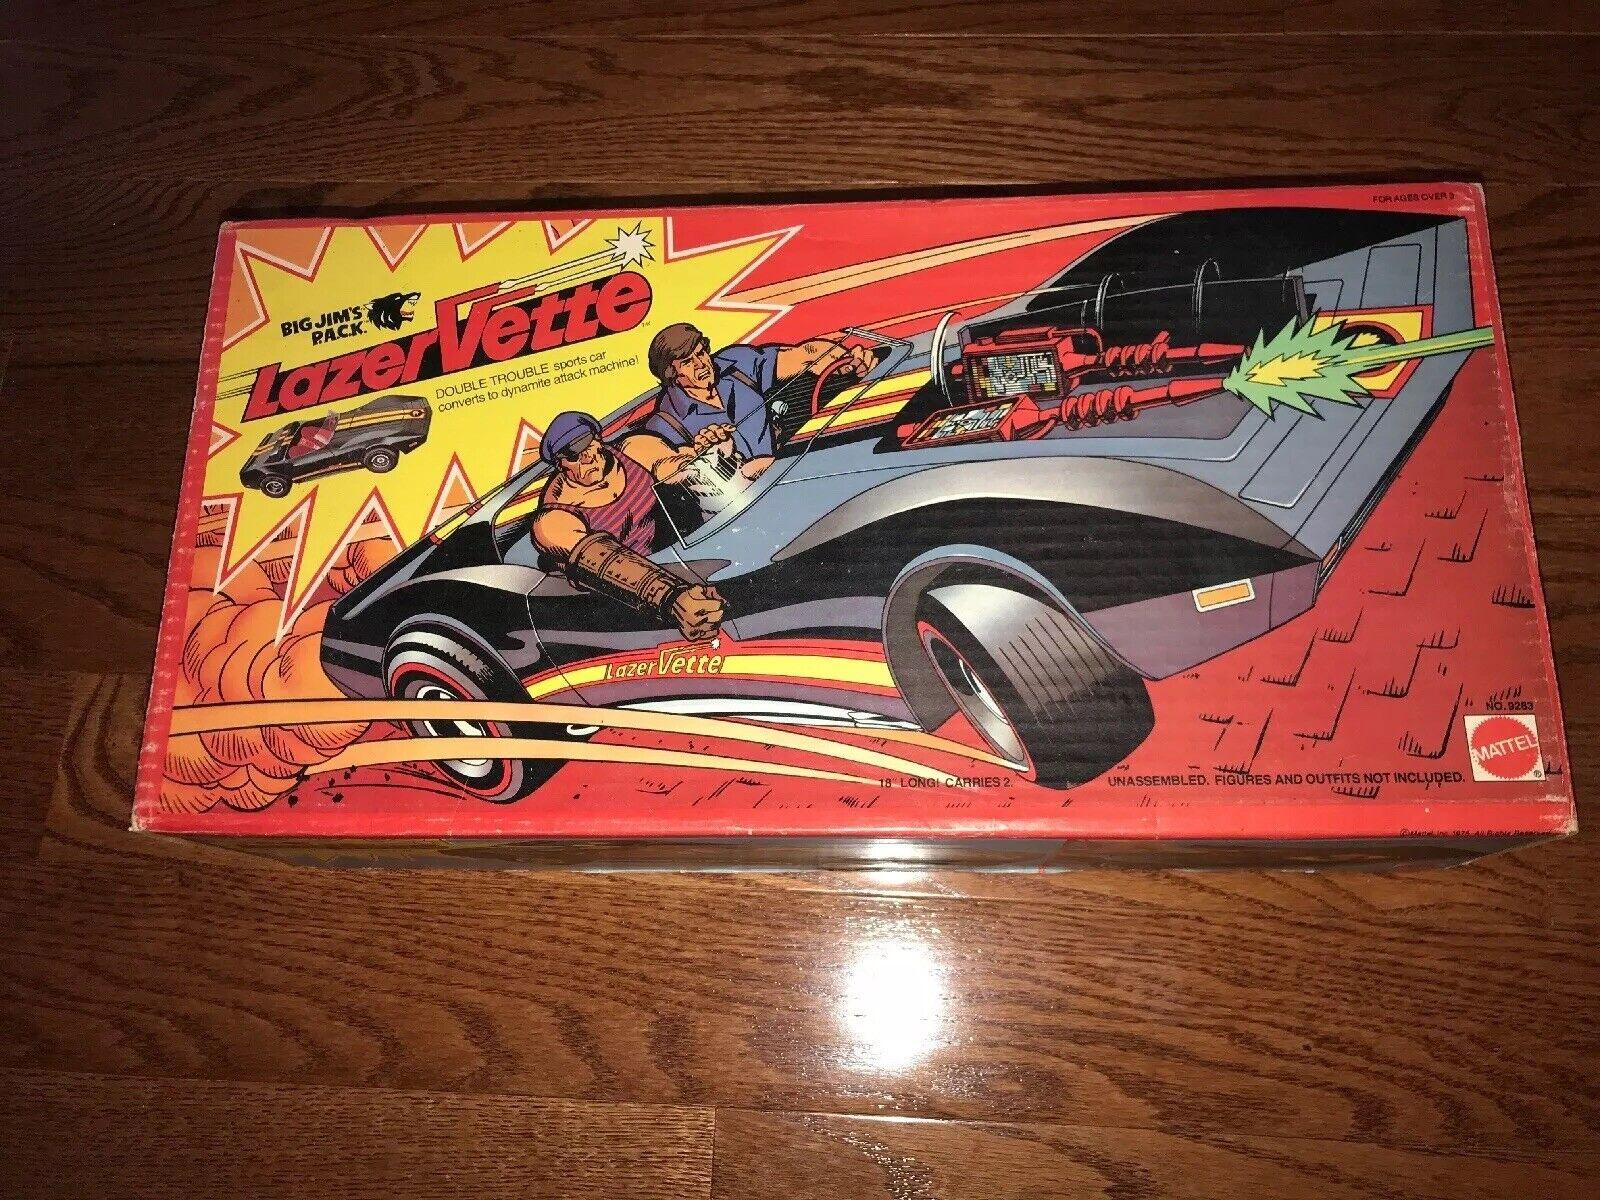 Vintage BIG JIM'S P.A.C.K.  - 1975, Mattel, Lazer Vette, w Original Box Scarce